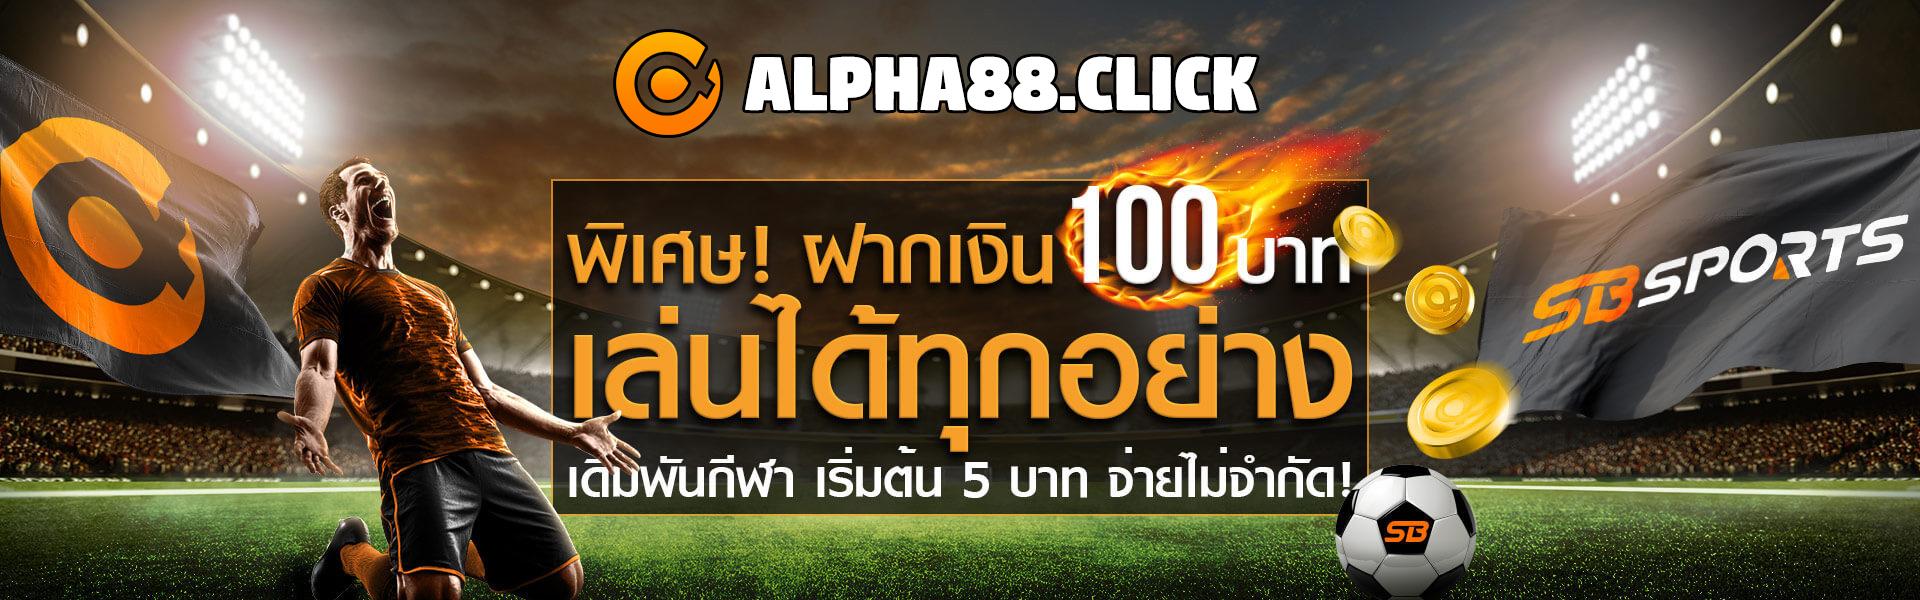 alpha88 แทงบอล